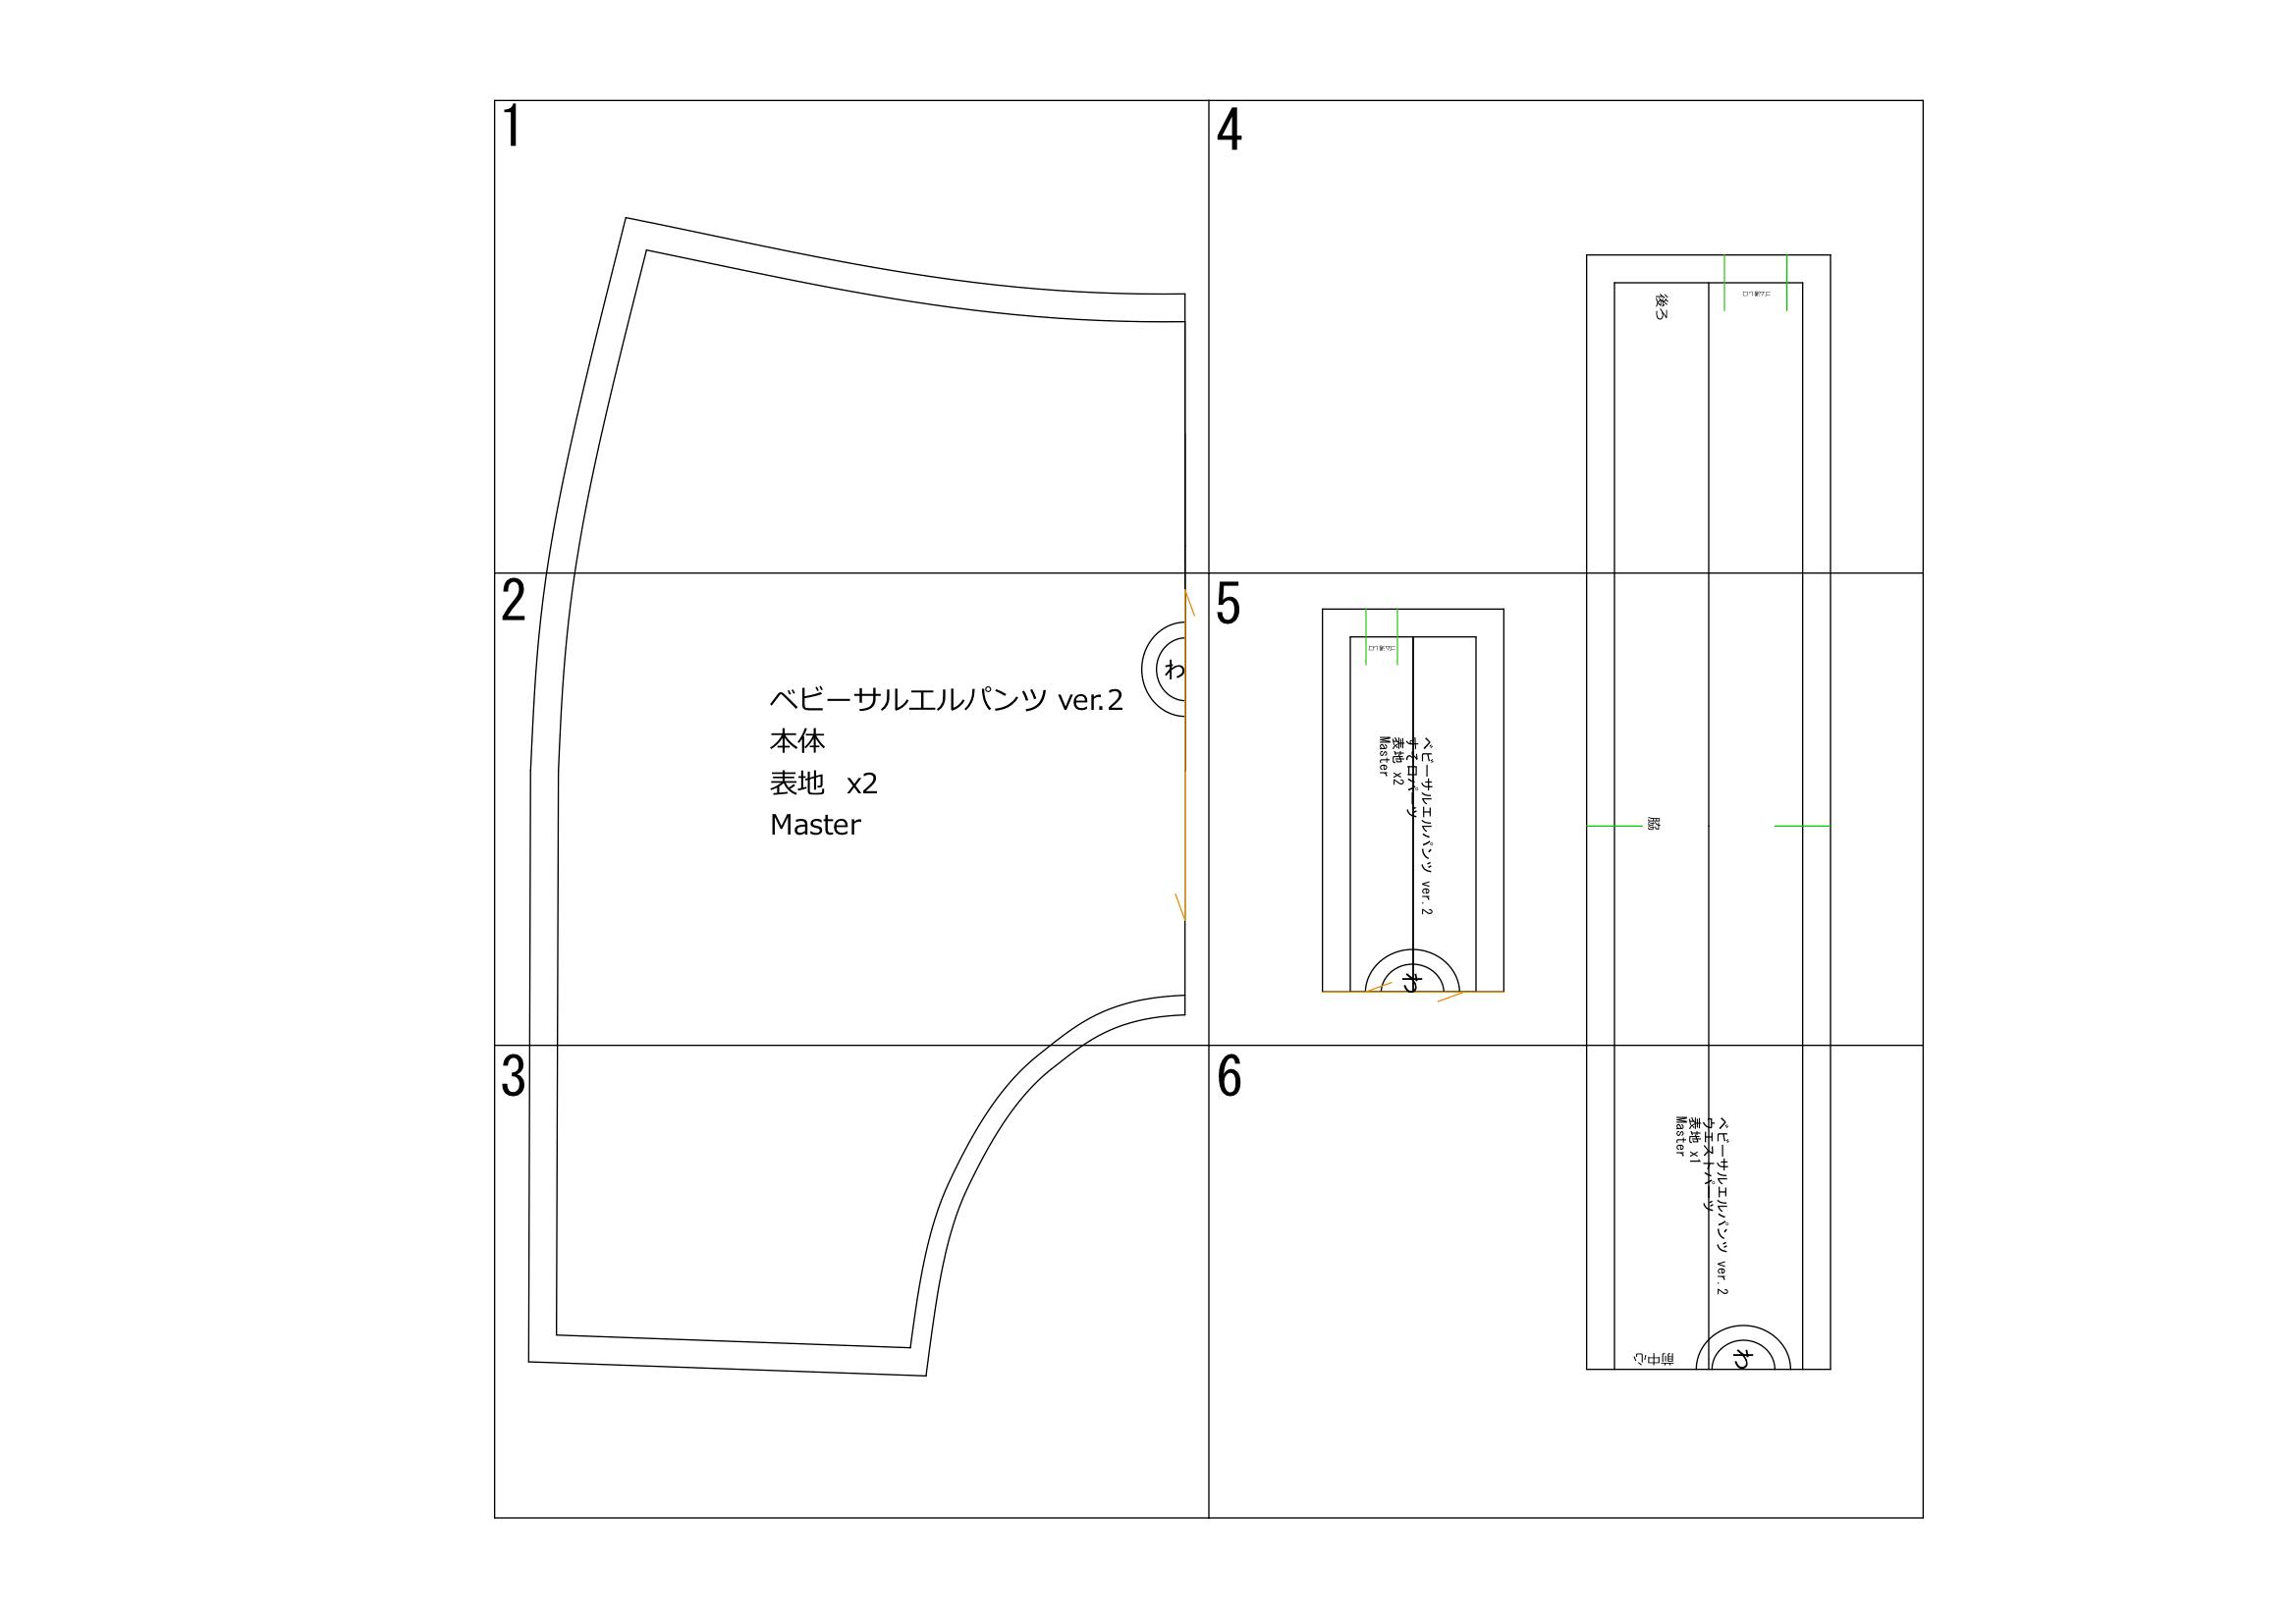 ベビーサルエルパンツの型紙完成図